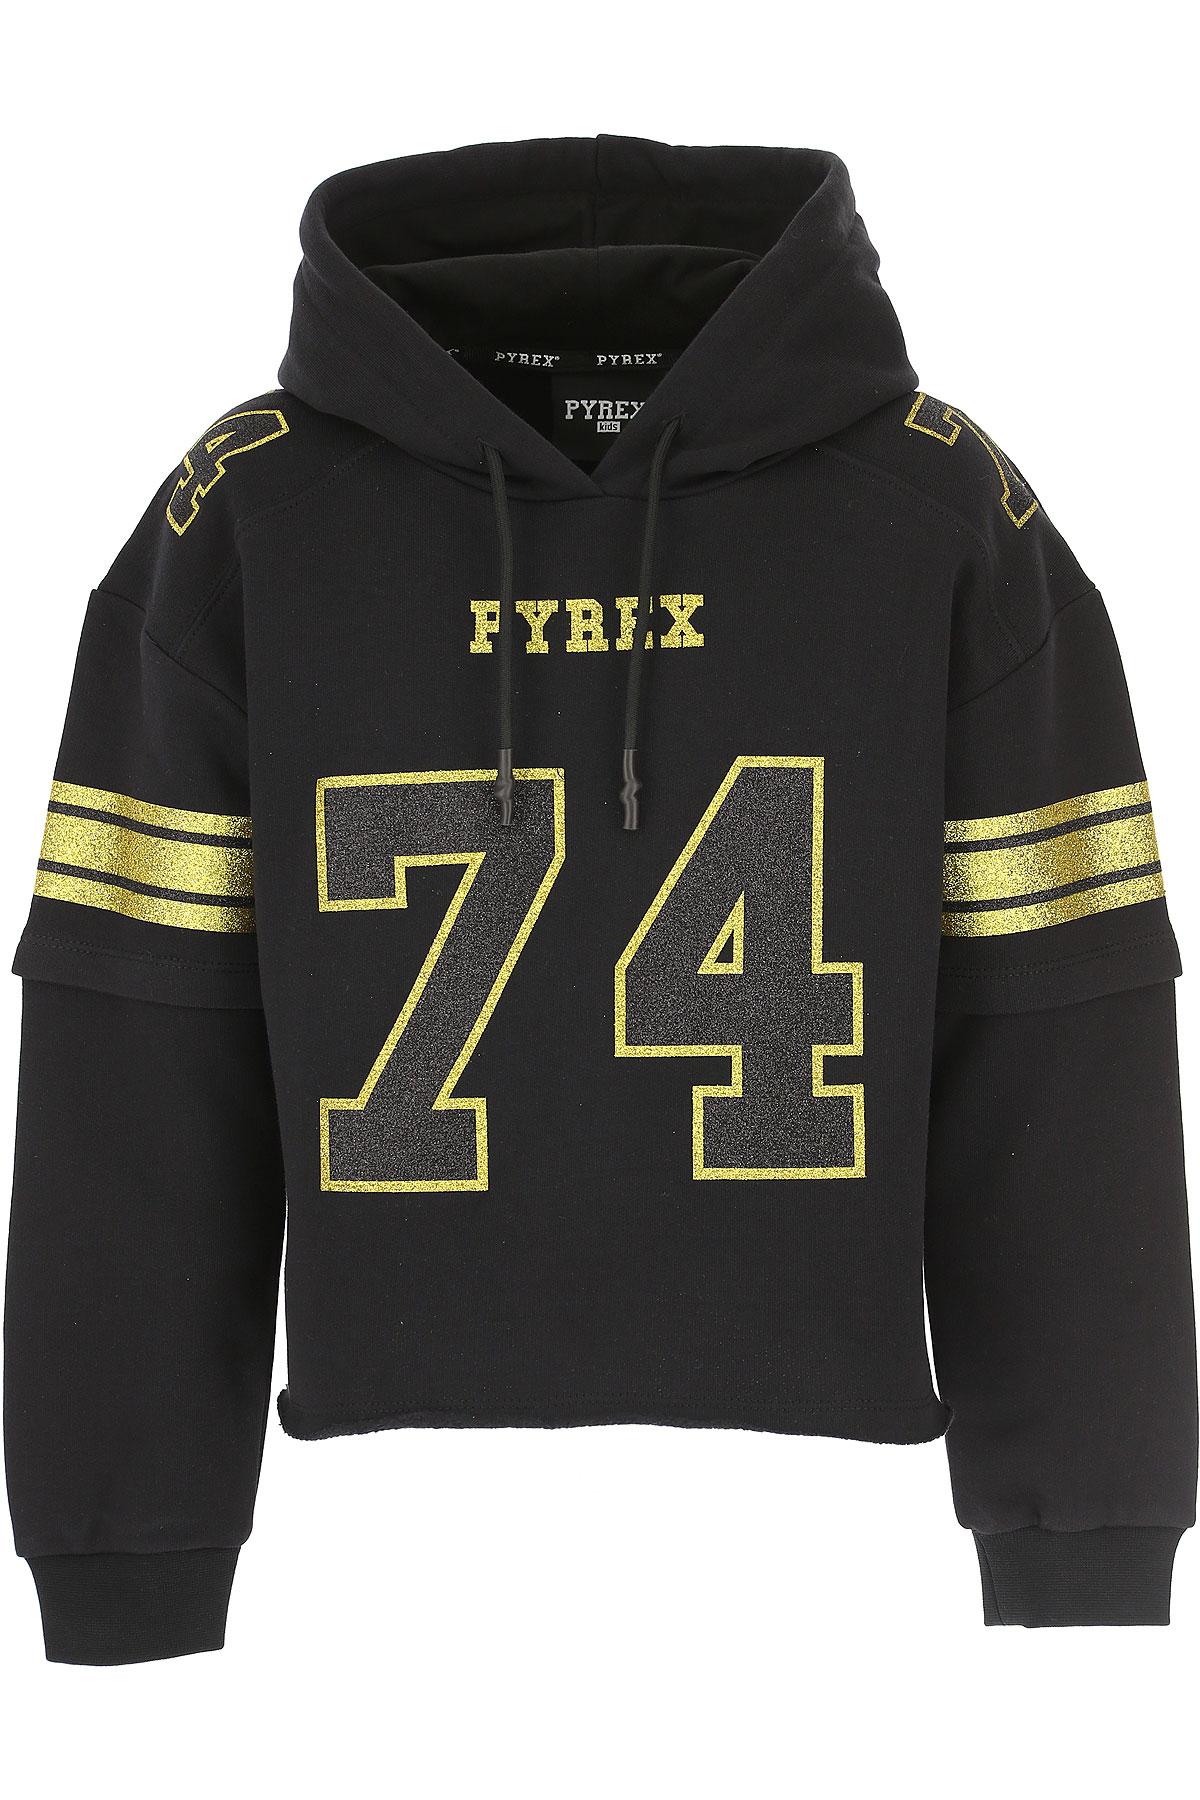 Image of Pyrex Kids Sweatshirts & Hoodies for Girls, Black, Cotton, 2017, S (8 Y) M (10 Y) L (12 Y) XL (14 Y) XXL (16 Y)